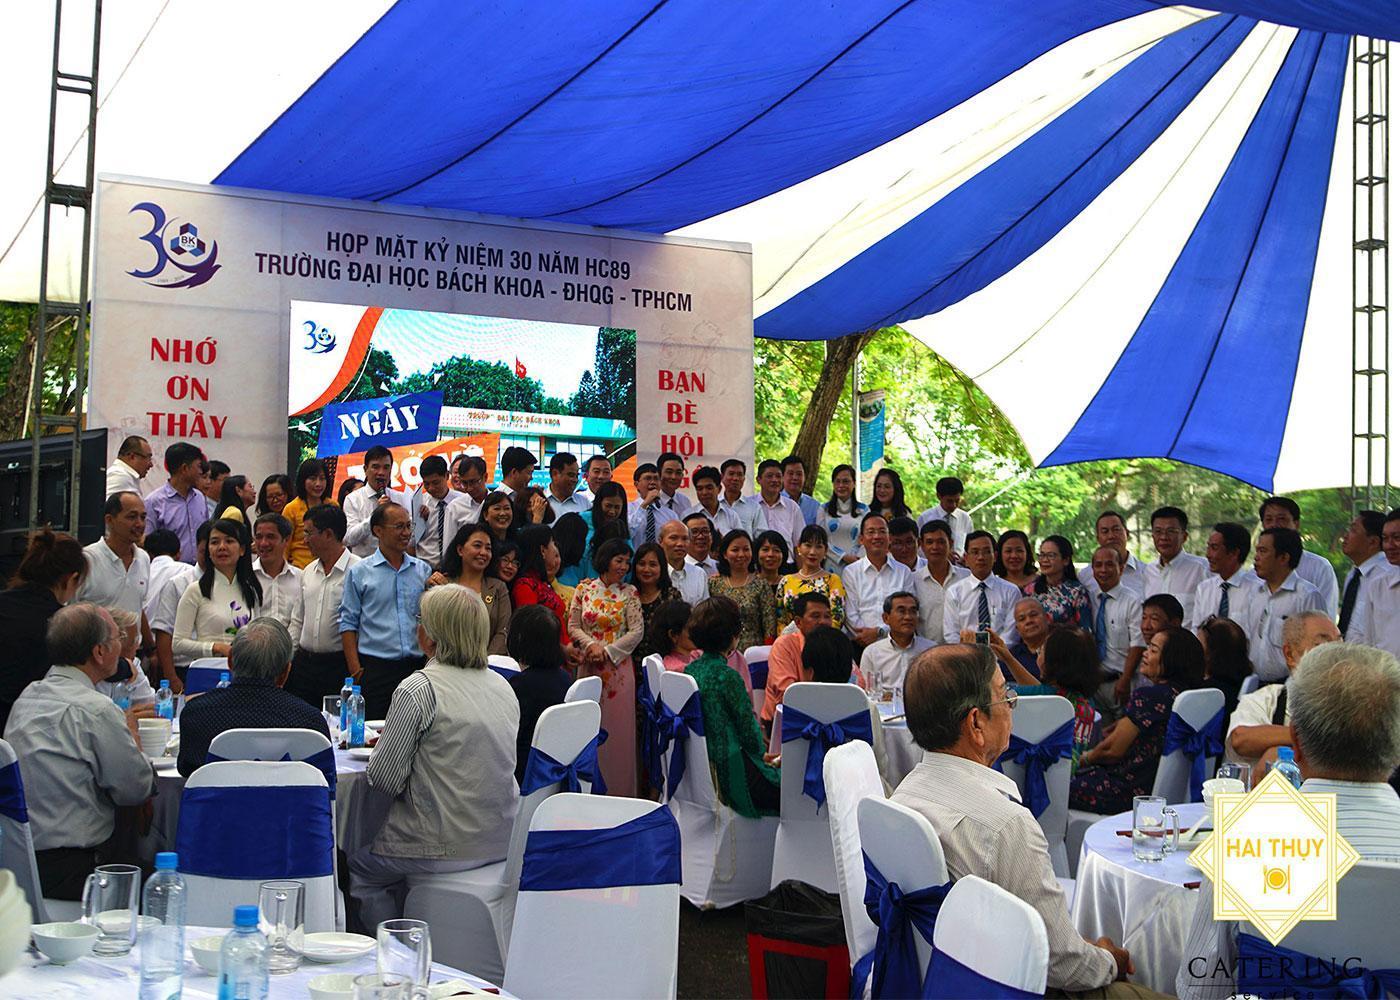 Buổi tiệc liên hoan mừng ngày hội ngộ 30 năm HC89 Đại học Bách Khoa